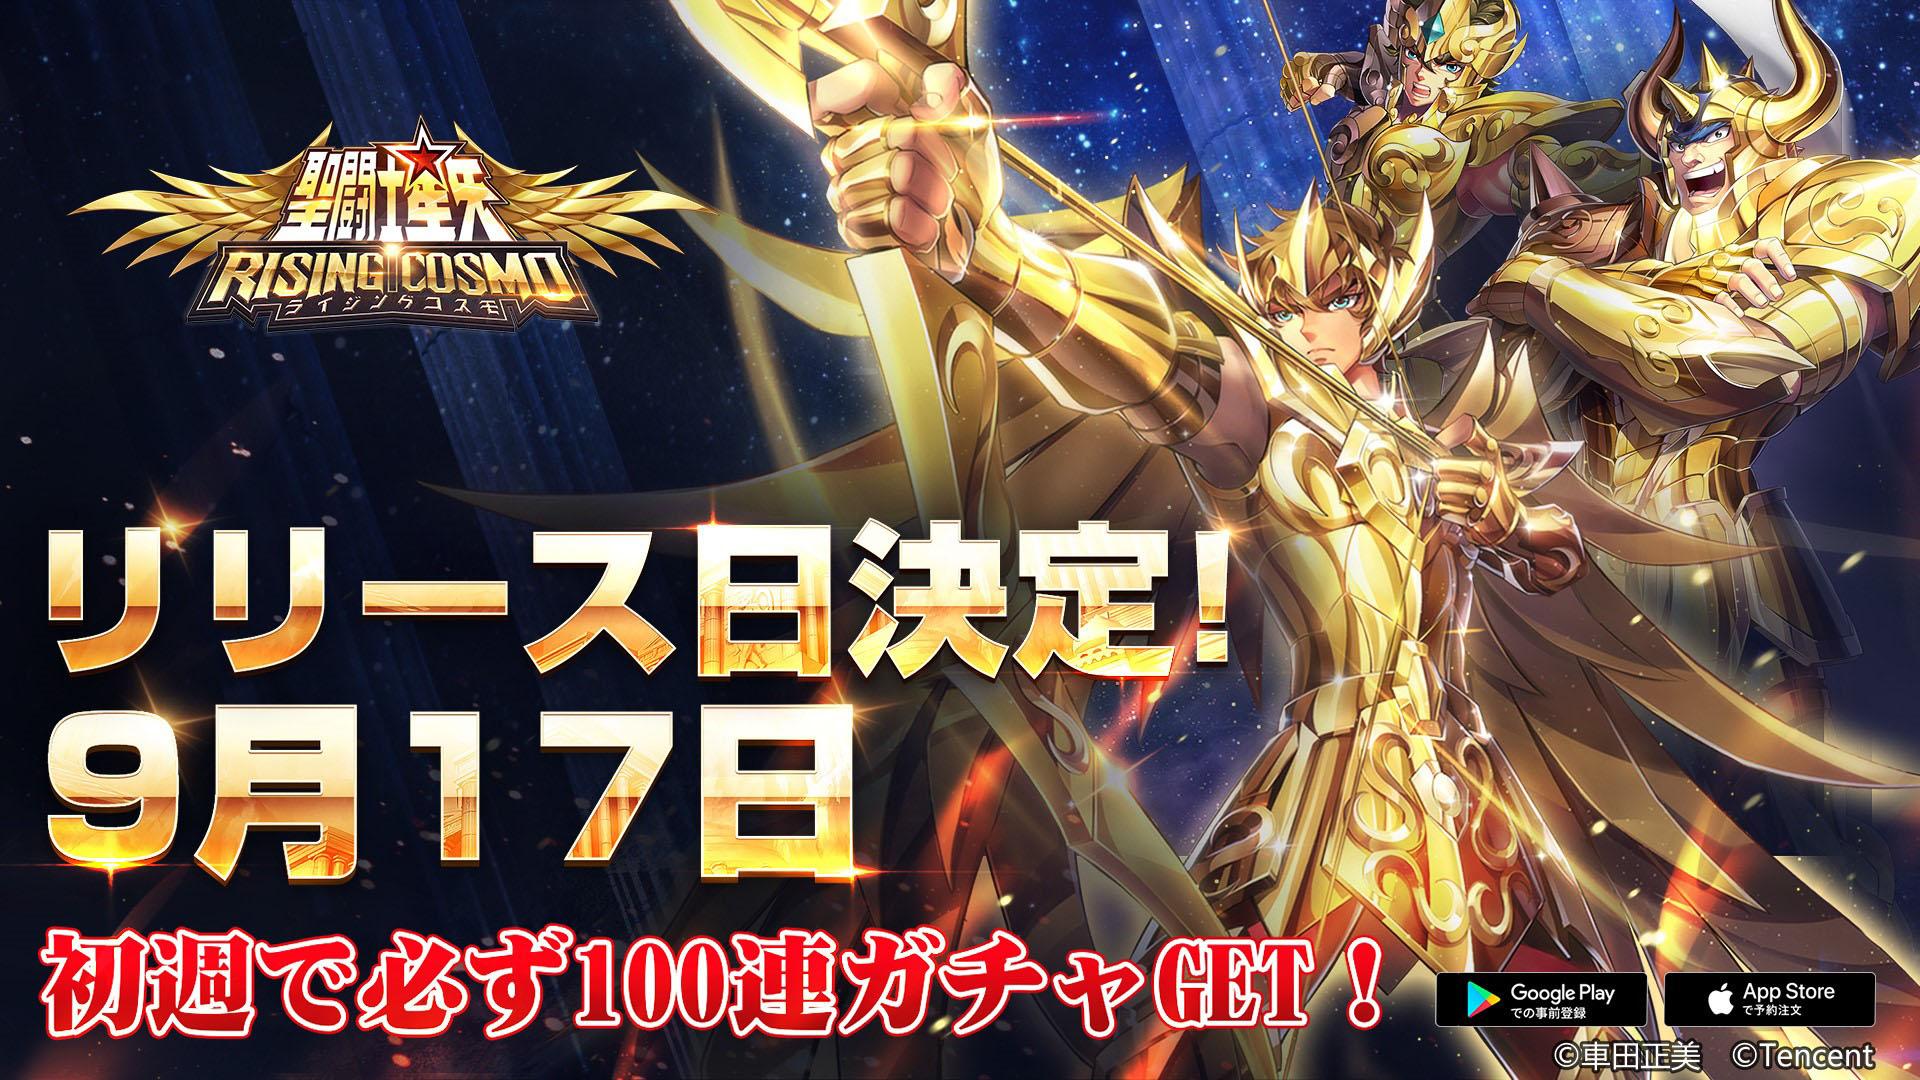 001 - 『聖闘士星矢』の歴史と未来を体感できる『ライジングコスモ』配信日9月17日に決定